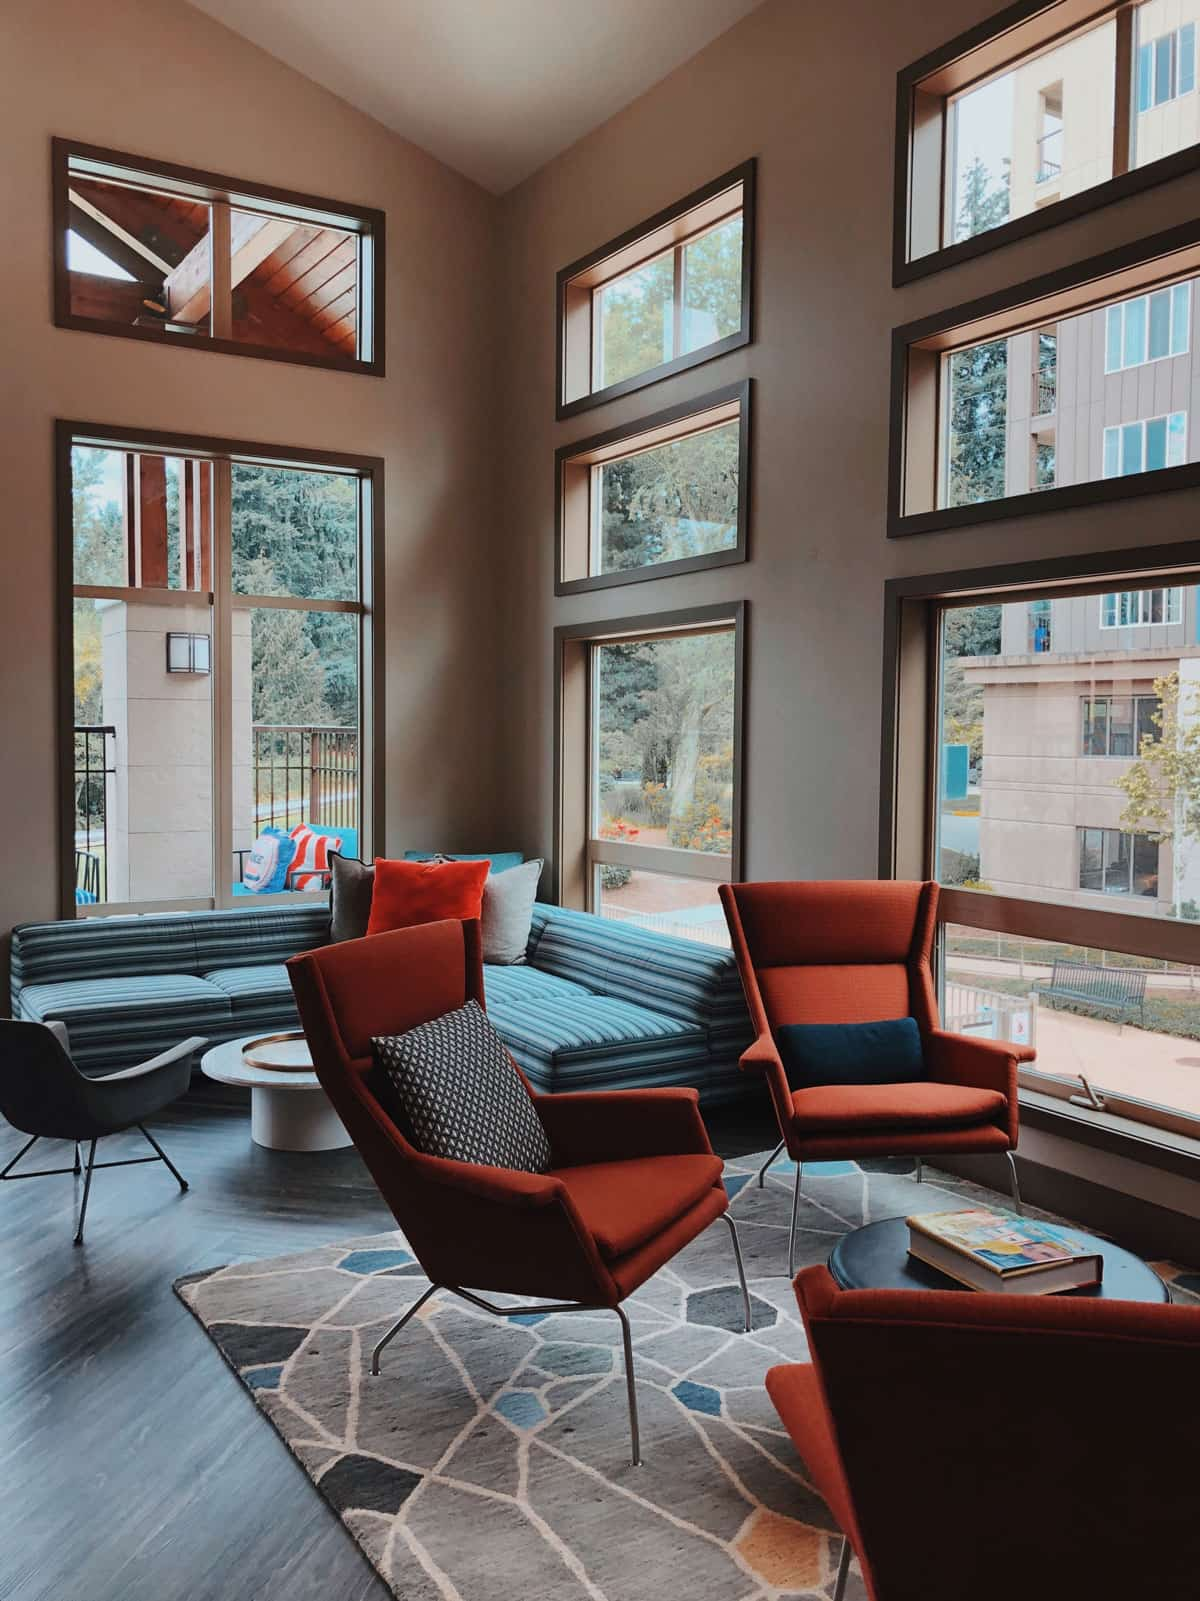 Gemütliche Stimmung in einem Wohnzimmer mit roten Sesseln.